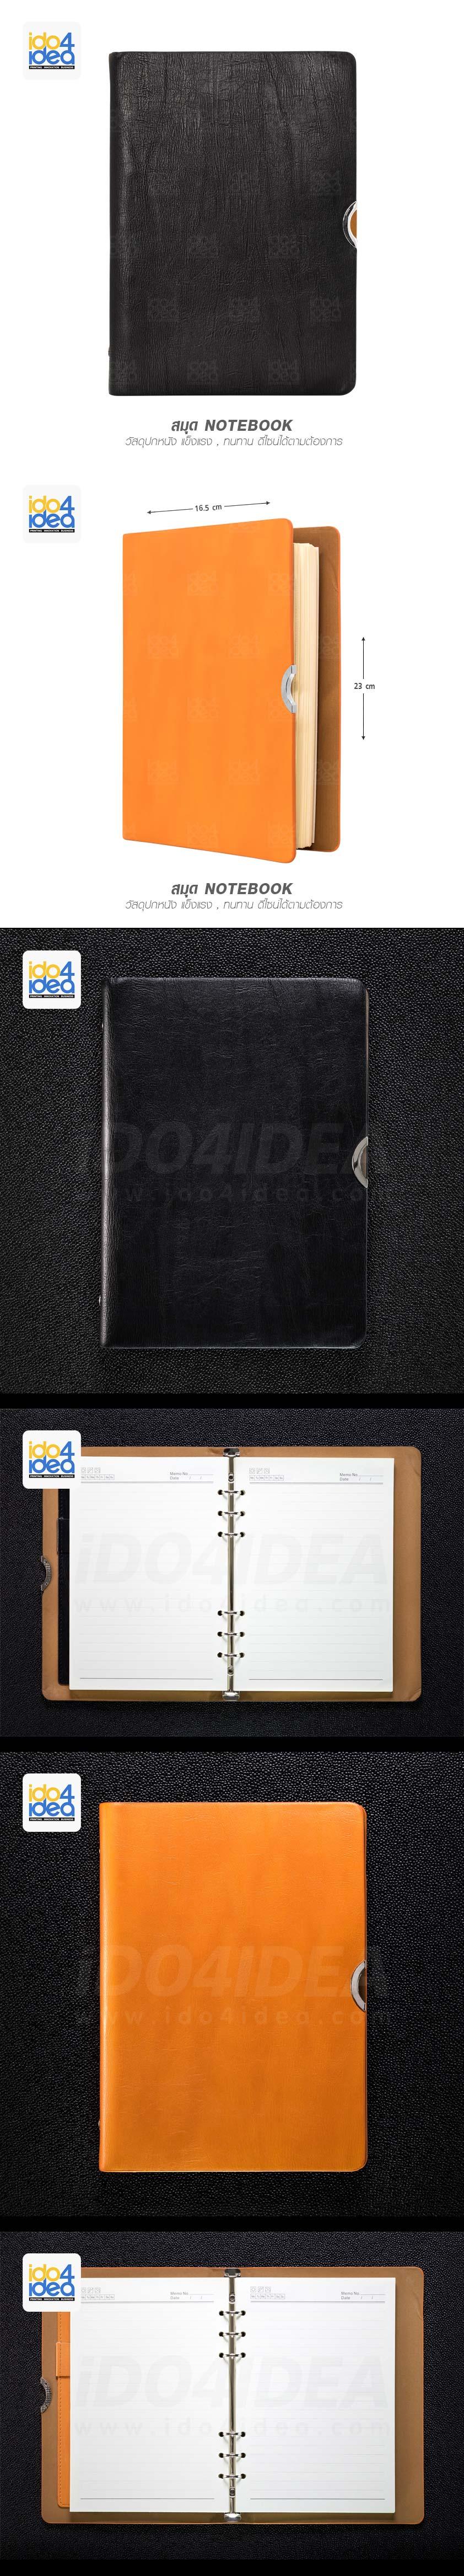 สมุด Notebook ปกหนัง 16.5x23 ซม.